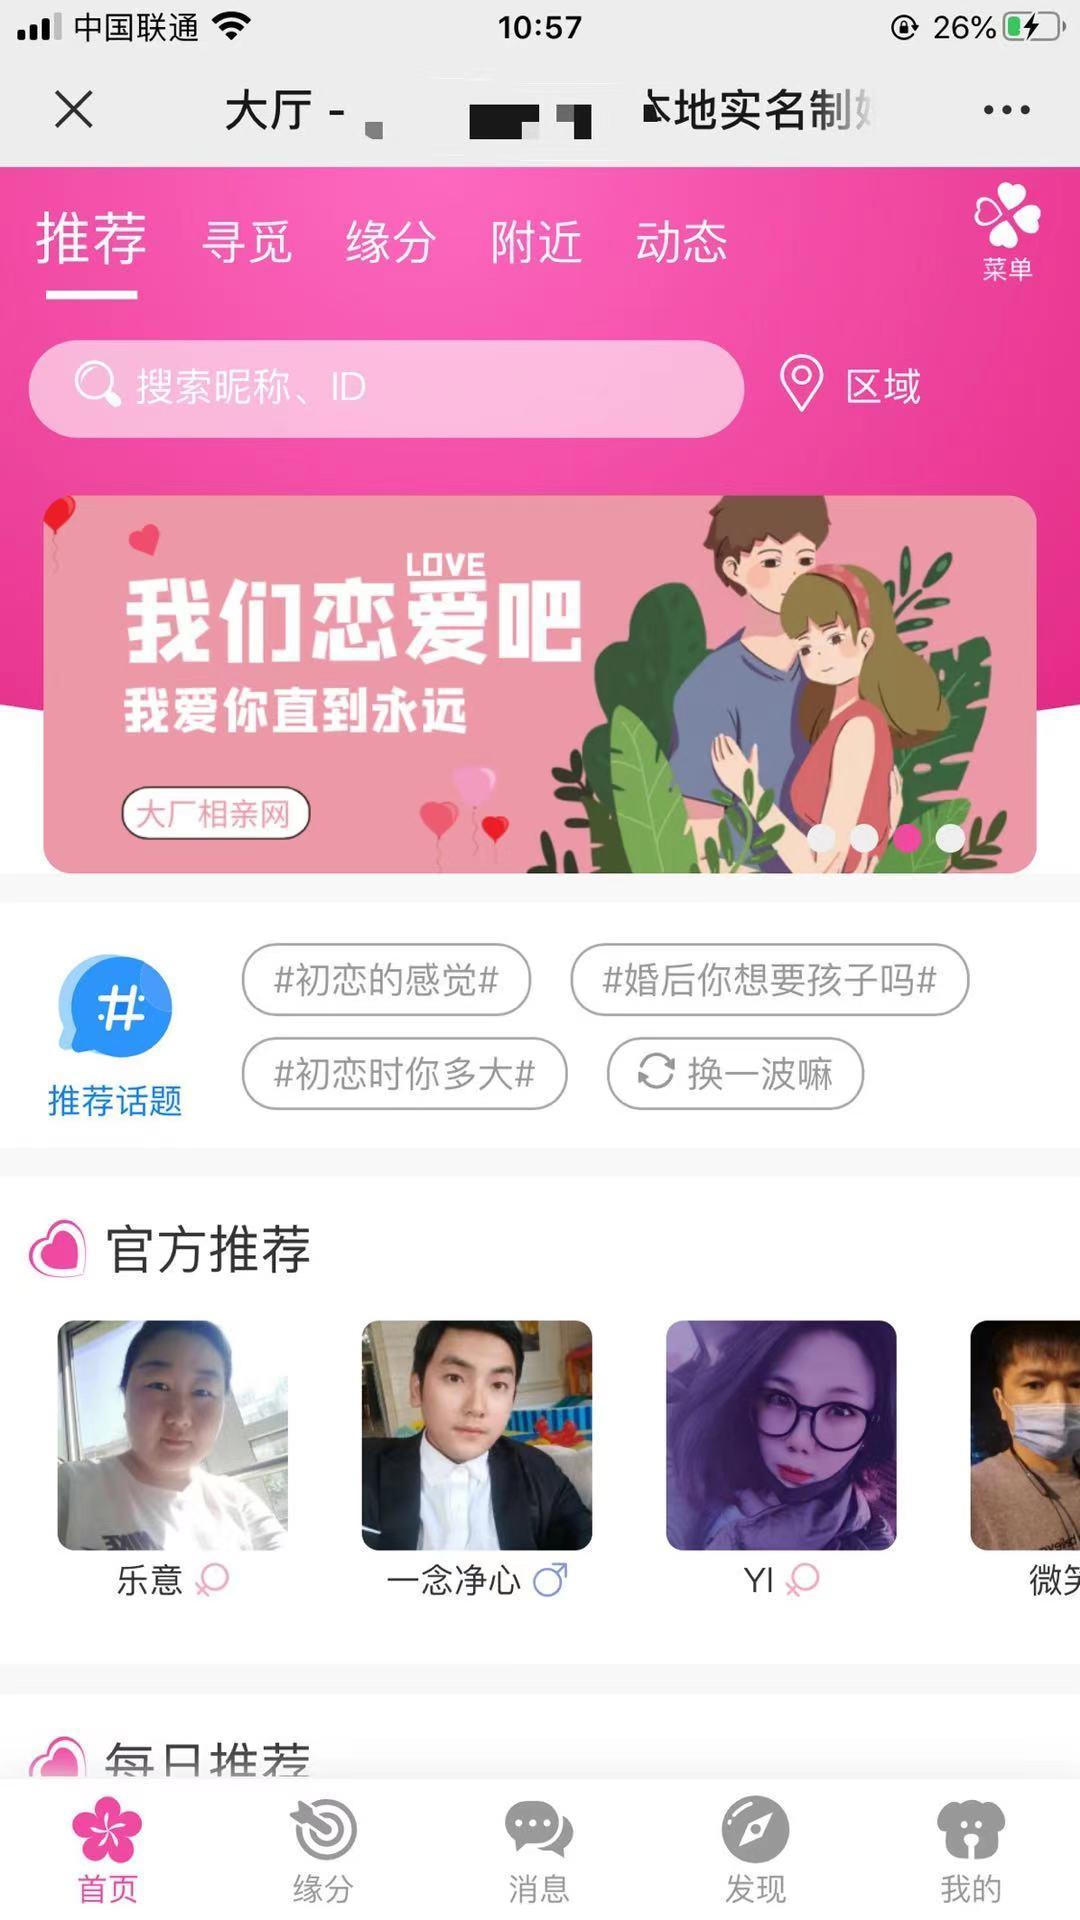 02 婚恋相亲交友系统,开源仿伊对app相亲源码